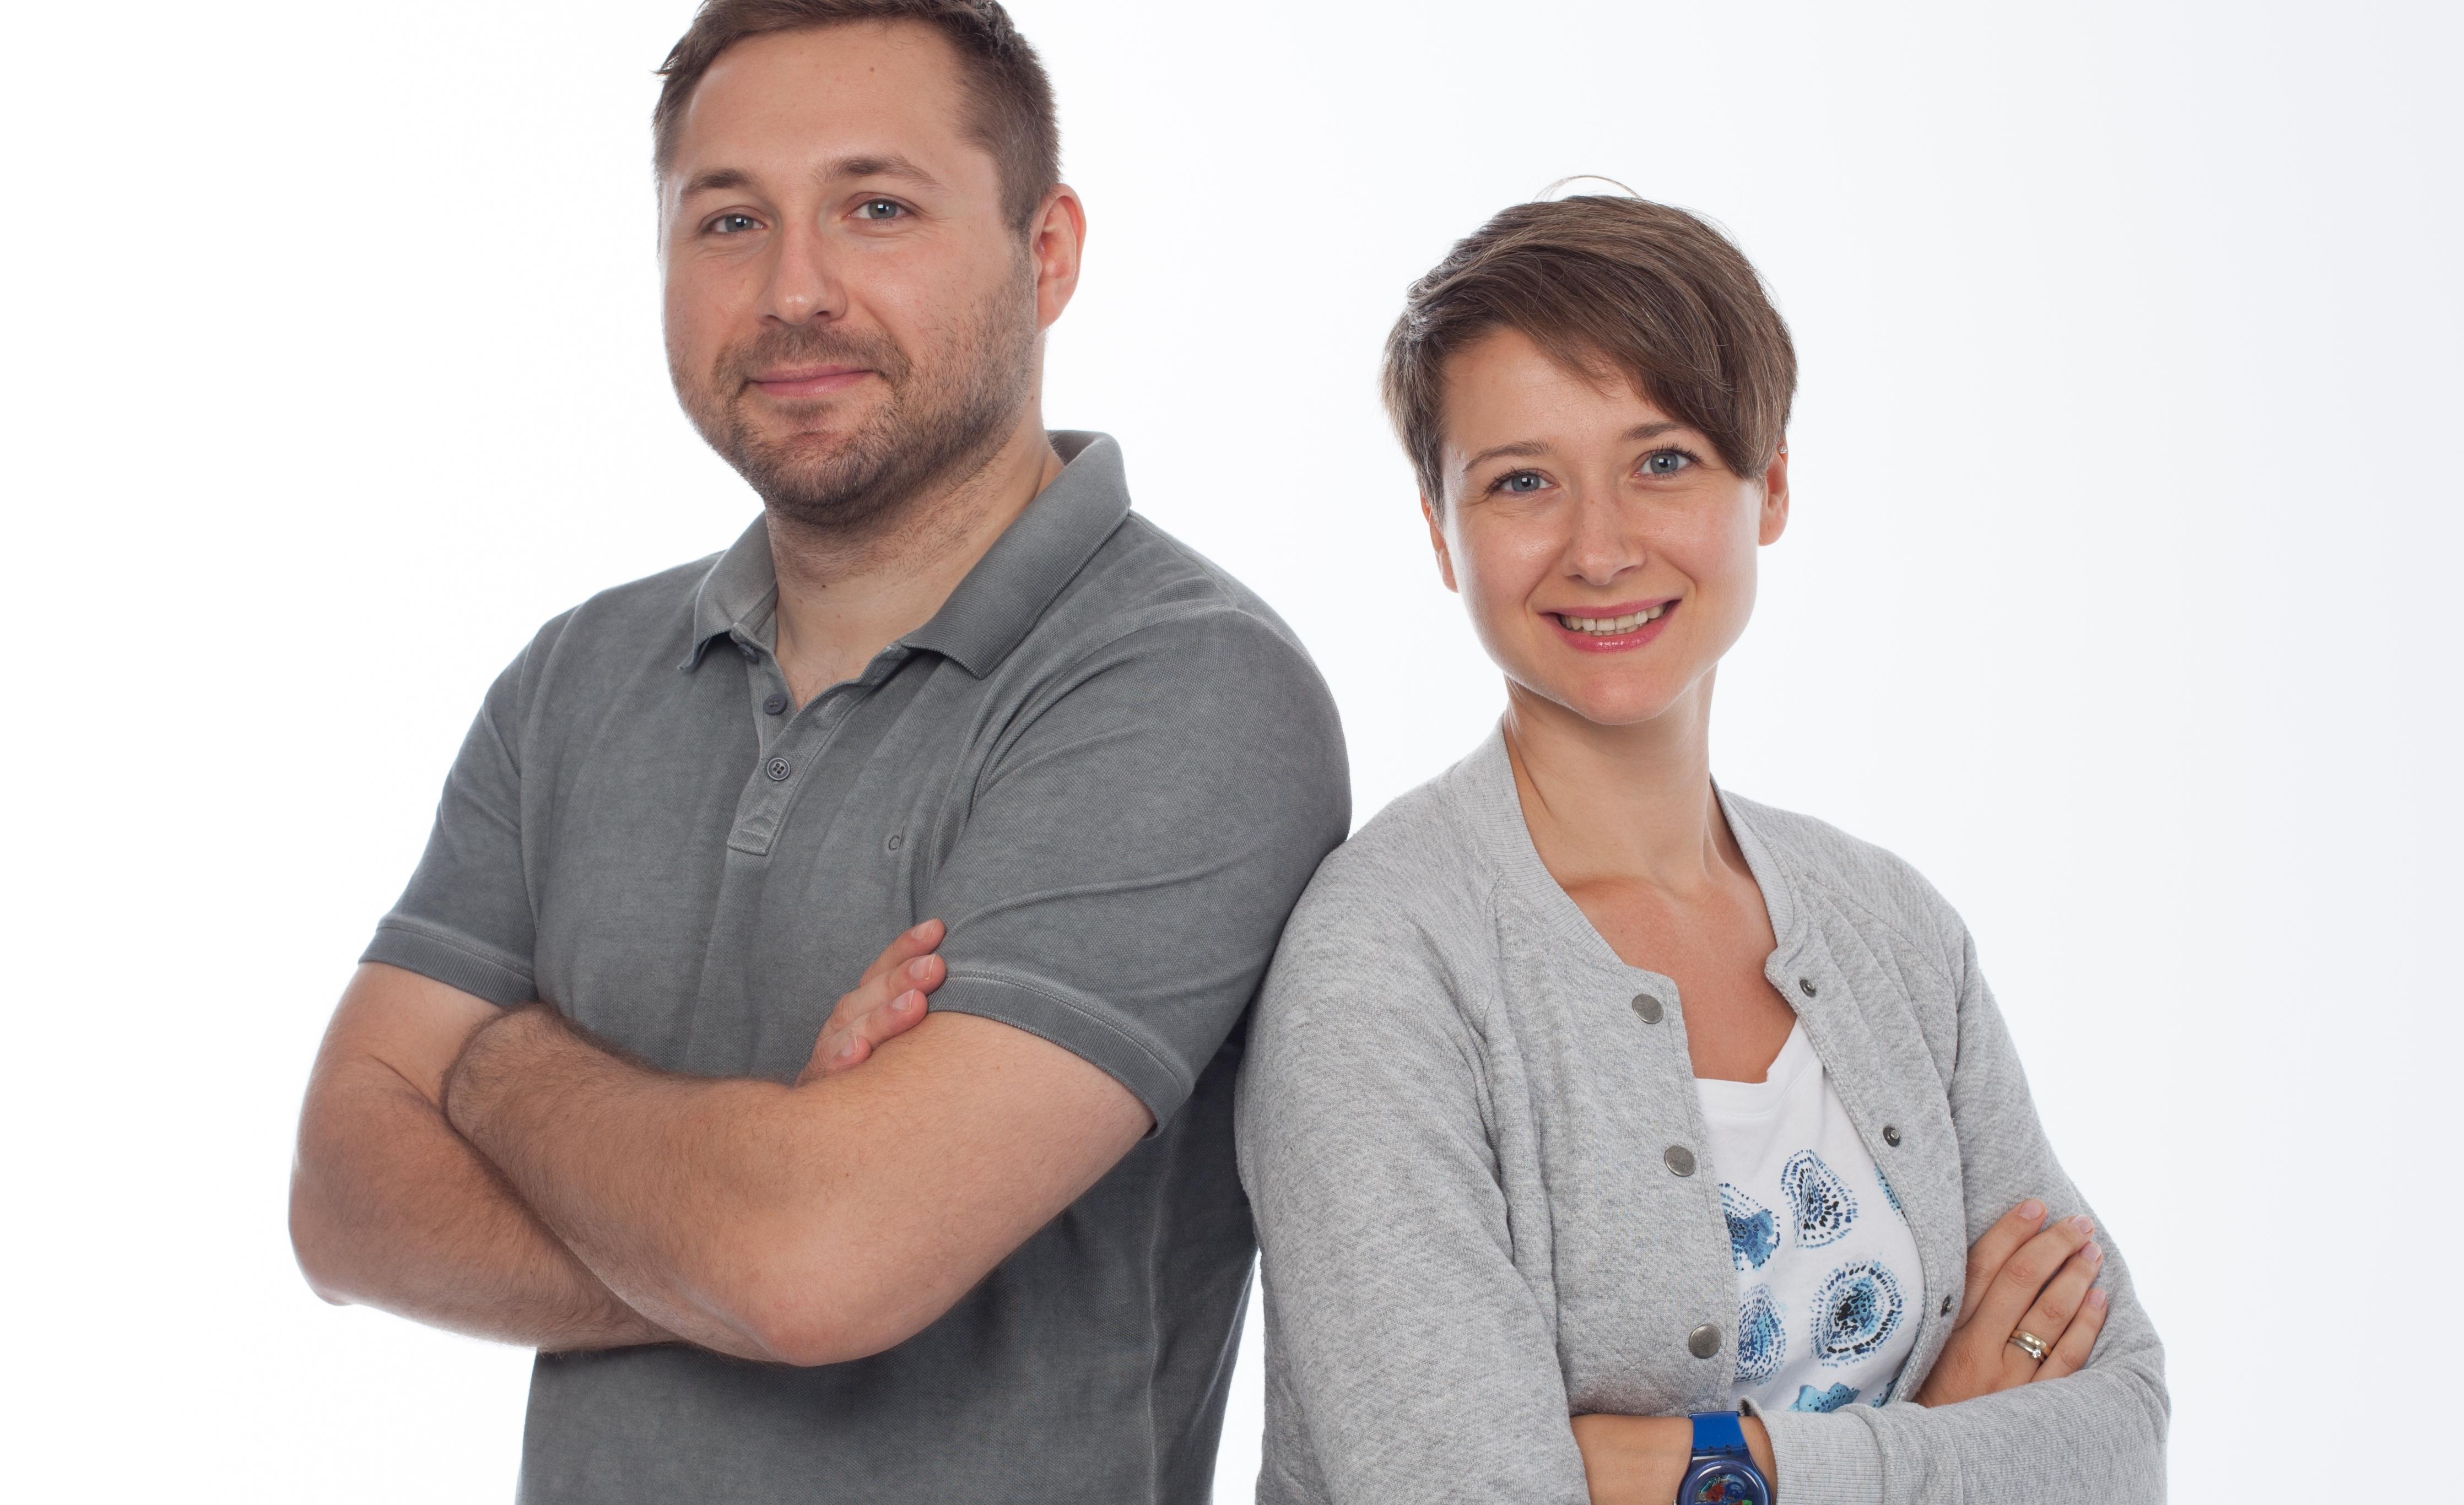 Nowi Team Leaderzy w Hypermedia Isobar Mateusz Strze niewski Joanna Malinowska